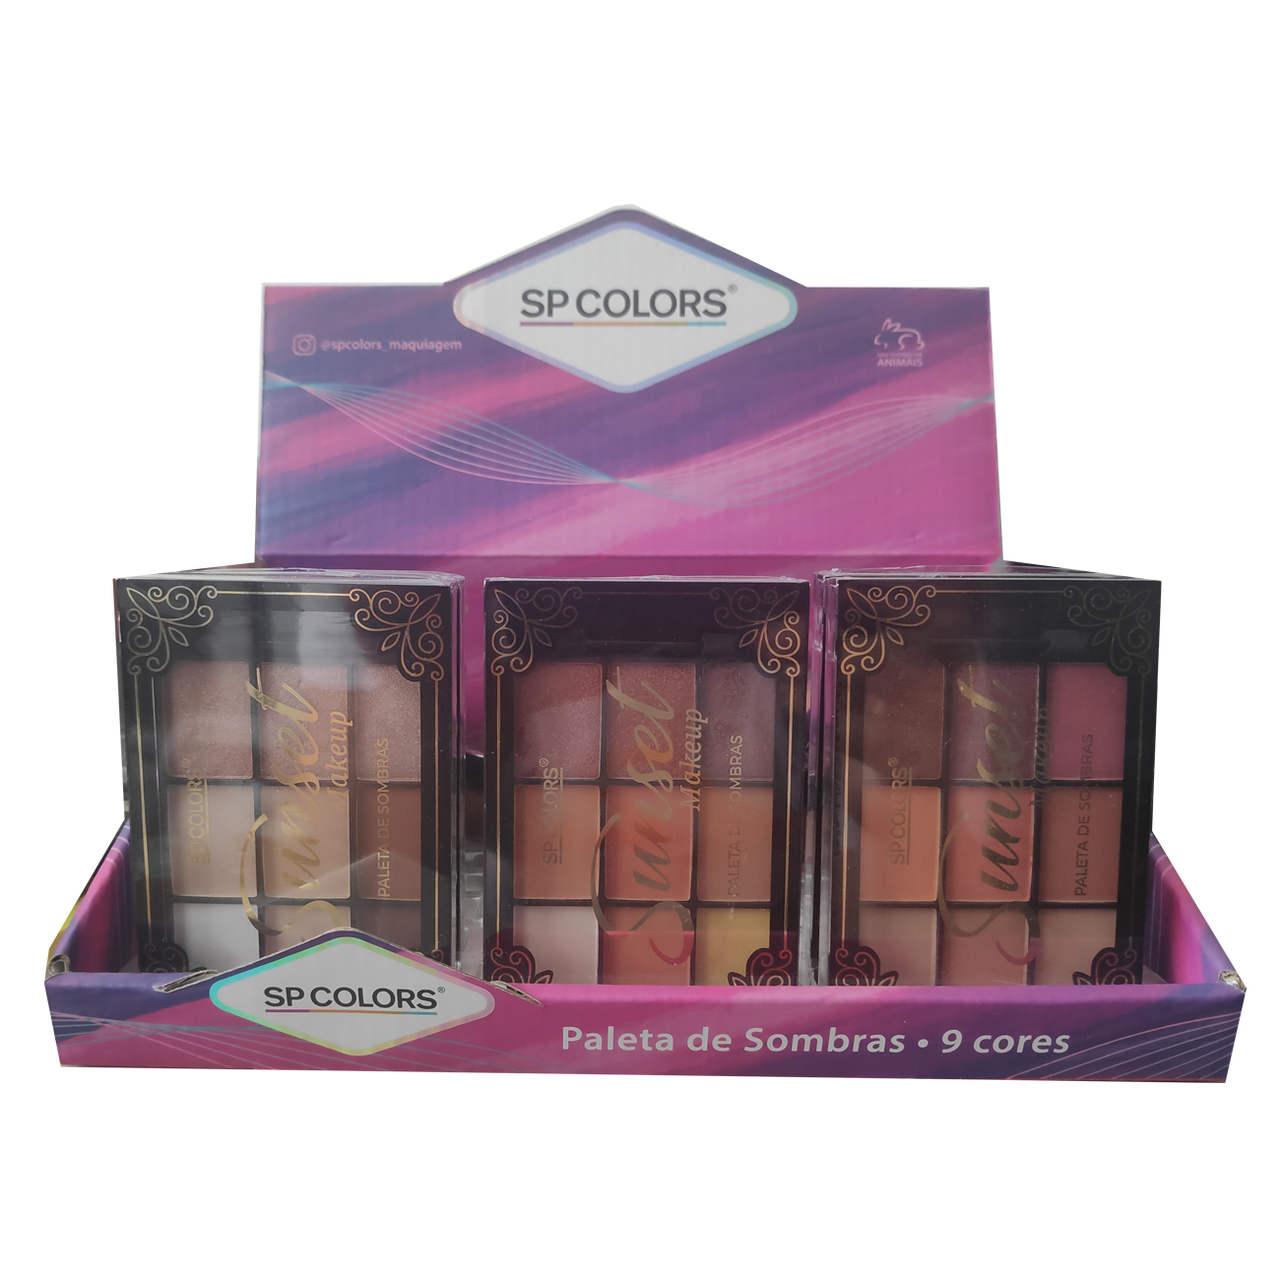 Paleta de Sombras Sunset Makeup Sp Colors - Display com 24 unidades - SP154 Atacado